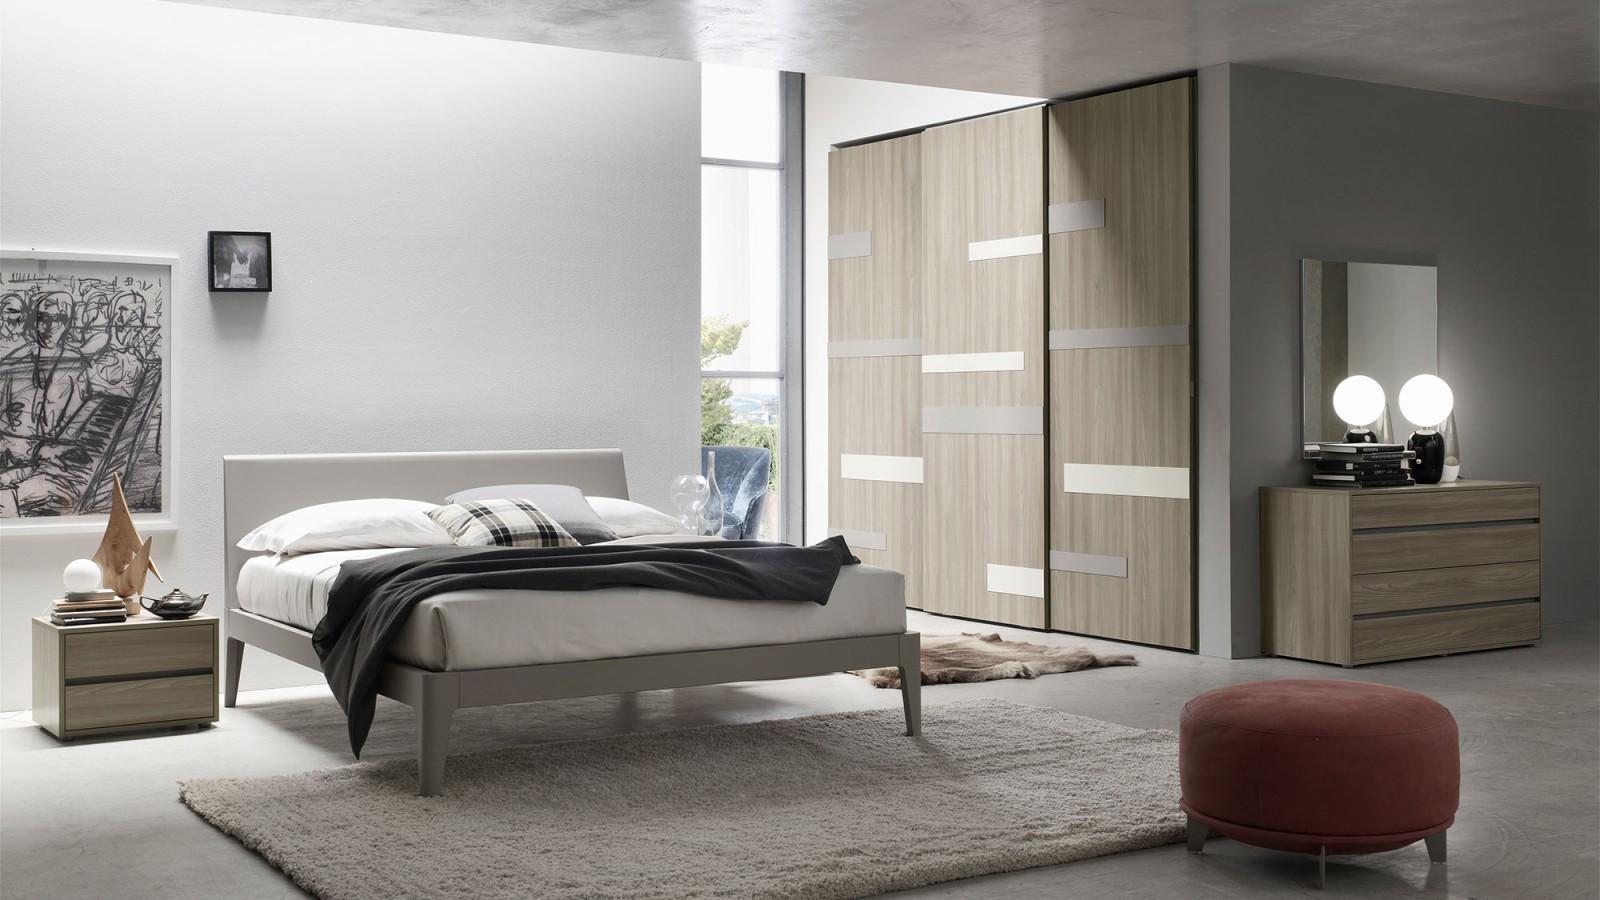 Letto penelope letti in legno programma notte orme for Camere da letto hotel moderni